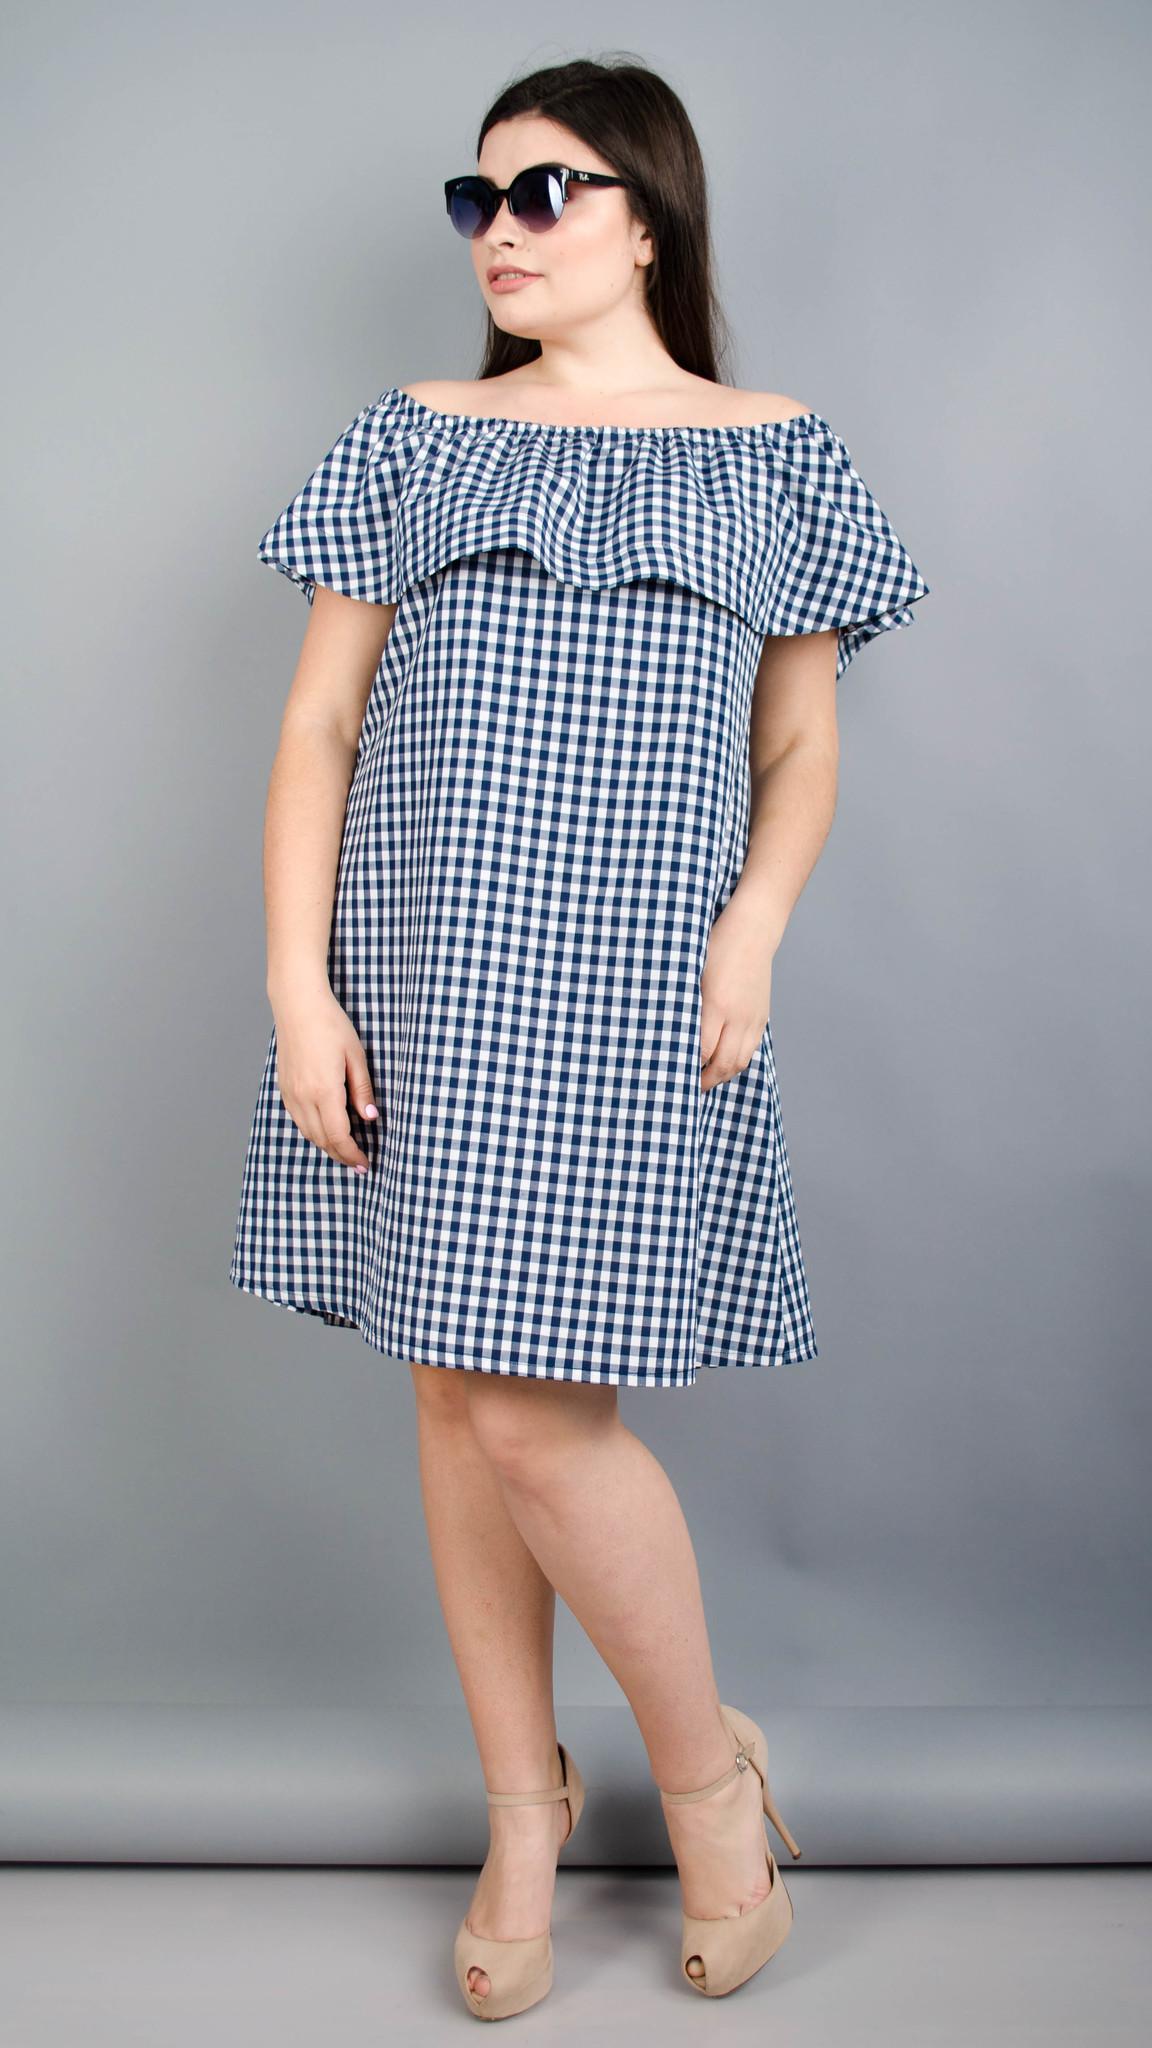 Балі. Літнє плаття плюс сайз. Синя клітинка.